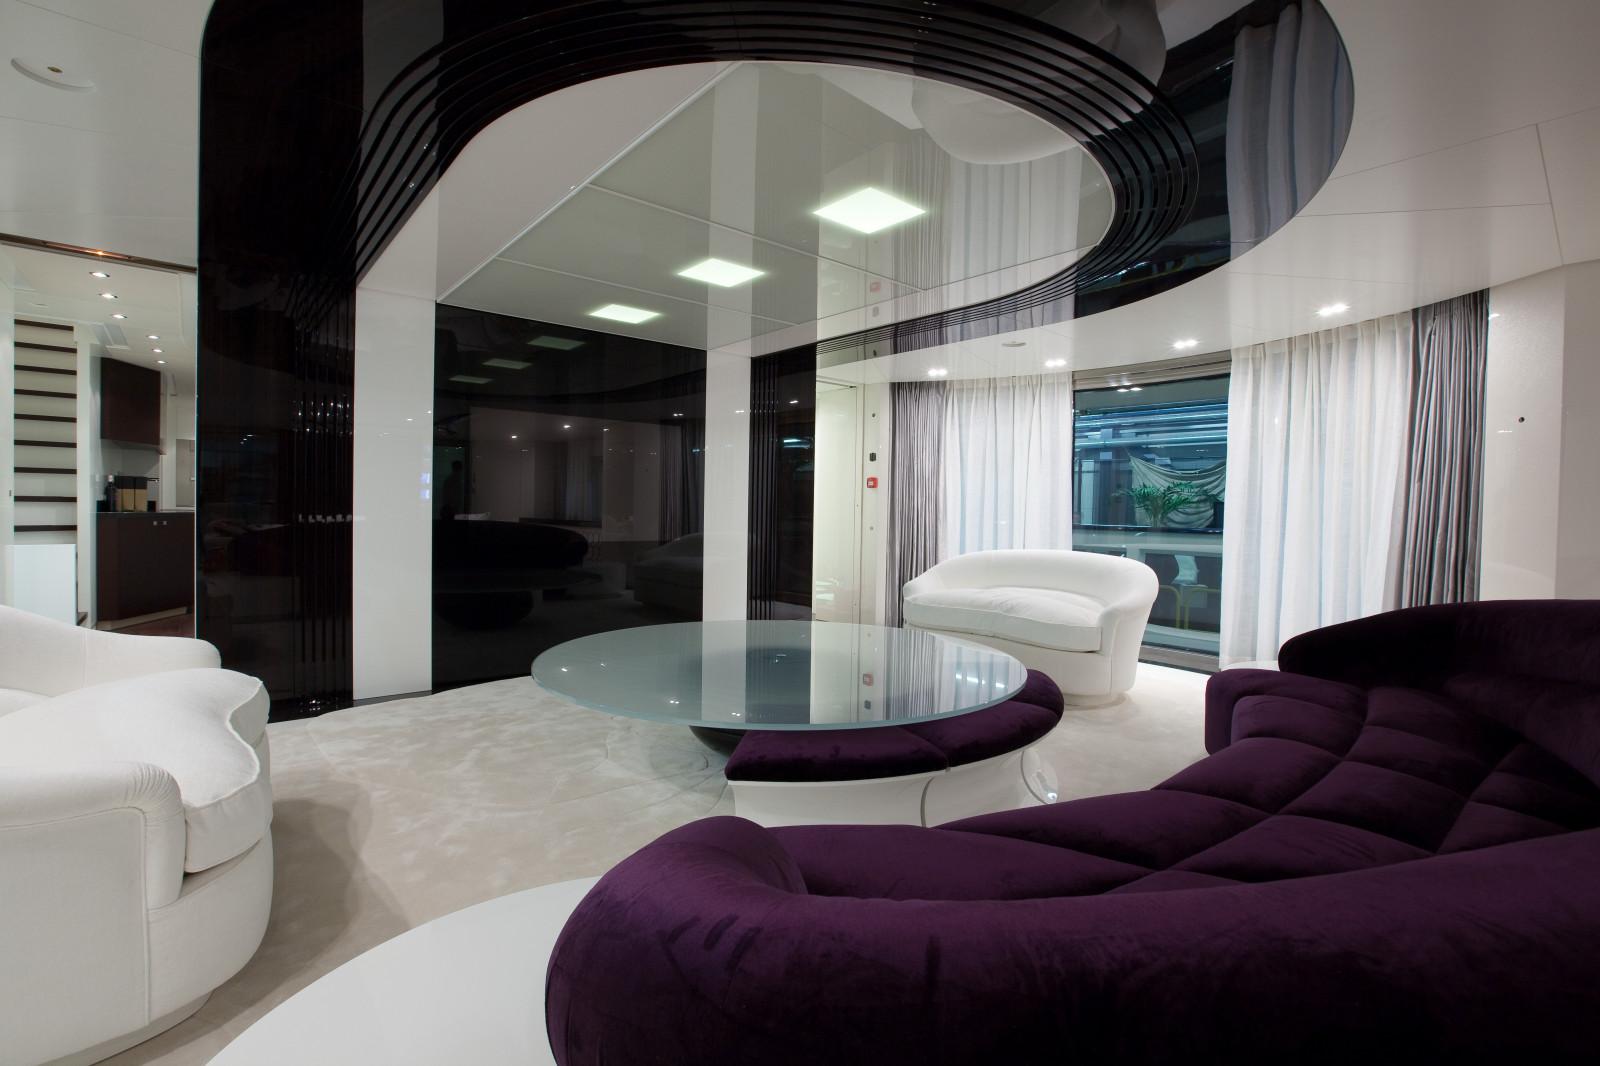 Hintergrundbilder zimmer innere drinnen modern yacht for Innenarchitektur wohnzimmer modern